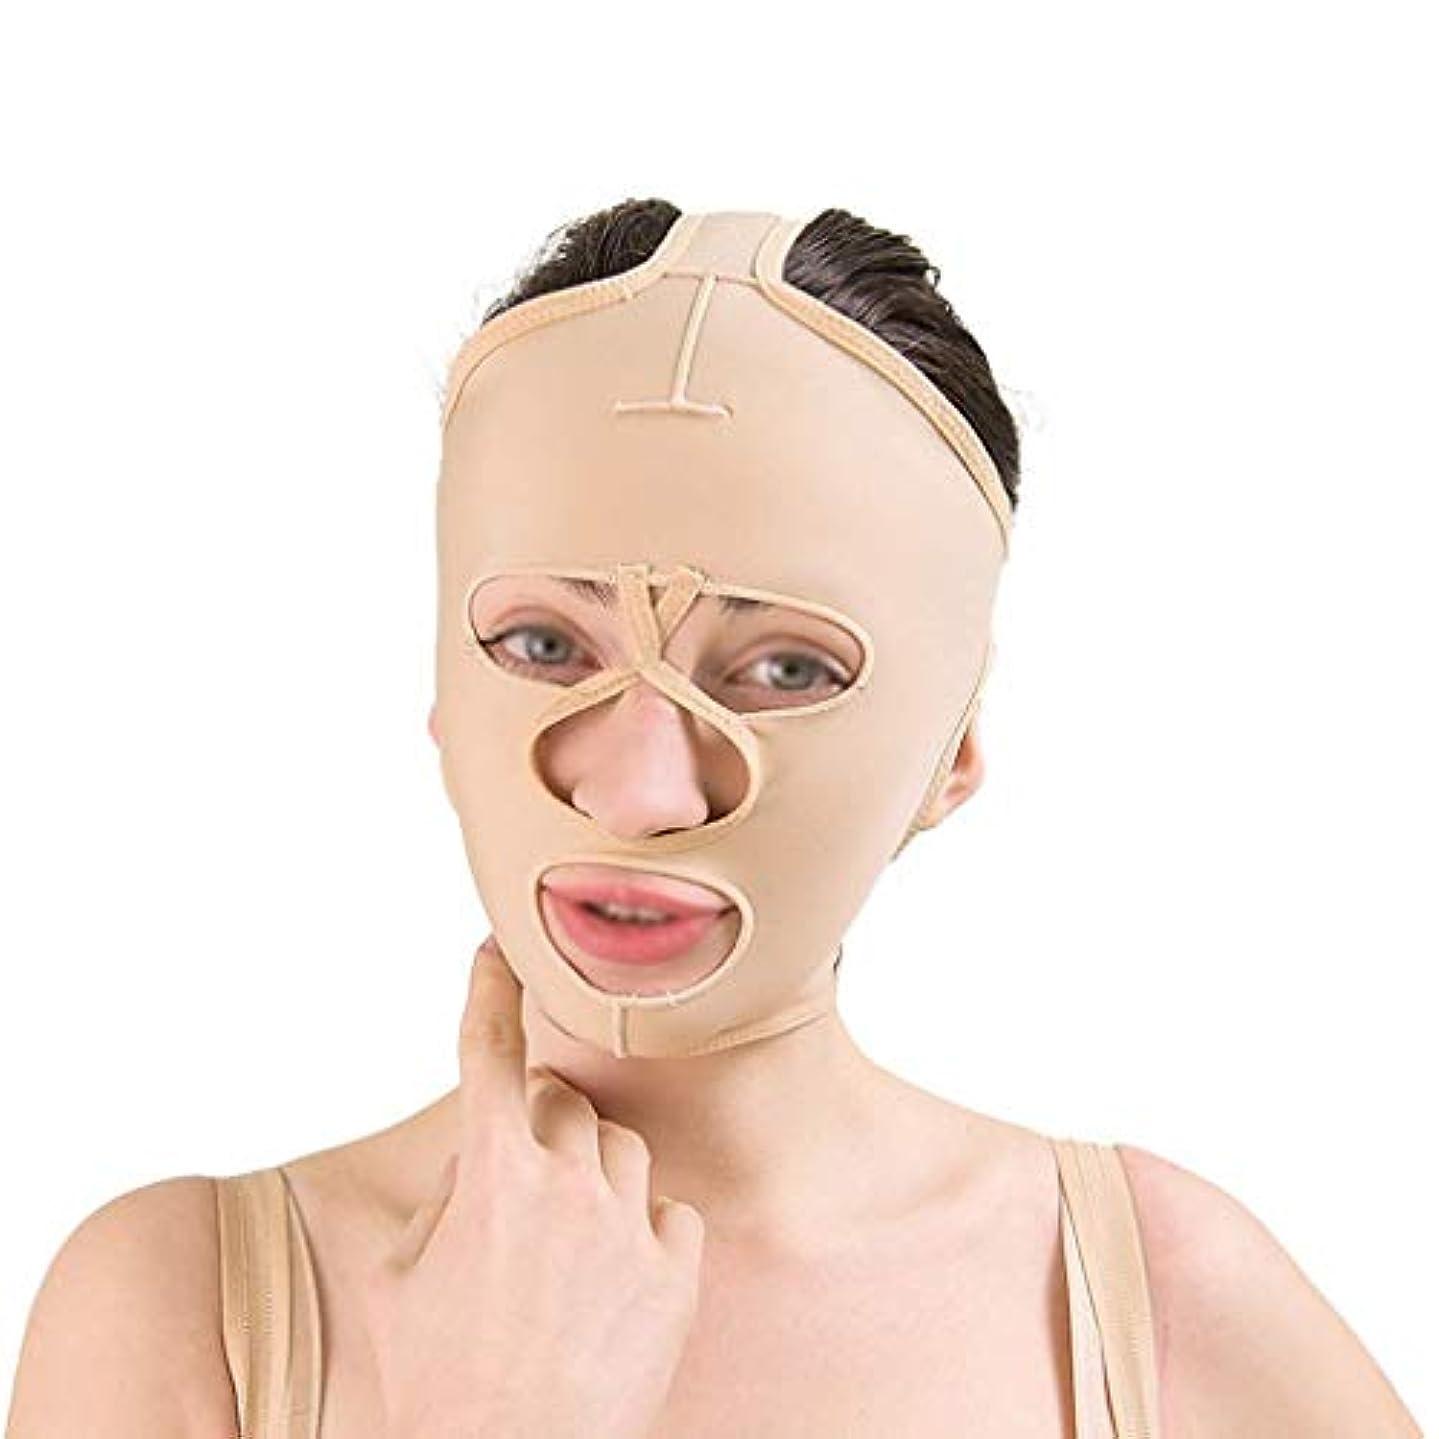 ミニ動脈制約フェイシャルリフティングツール、フェイシャルビューティーリフティングマスク、通気性引き締めリフティングフェイシャル包帯、フェイシャルタイトバンデージ(サイズ:L),ザ?